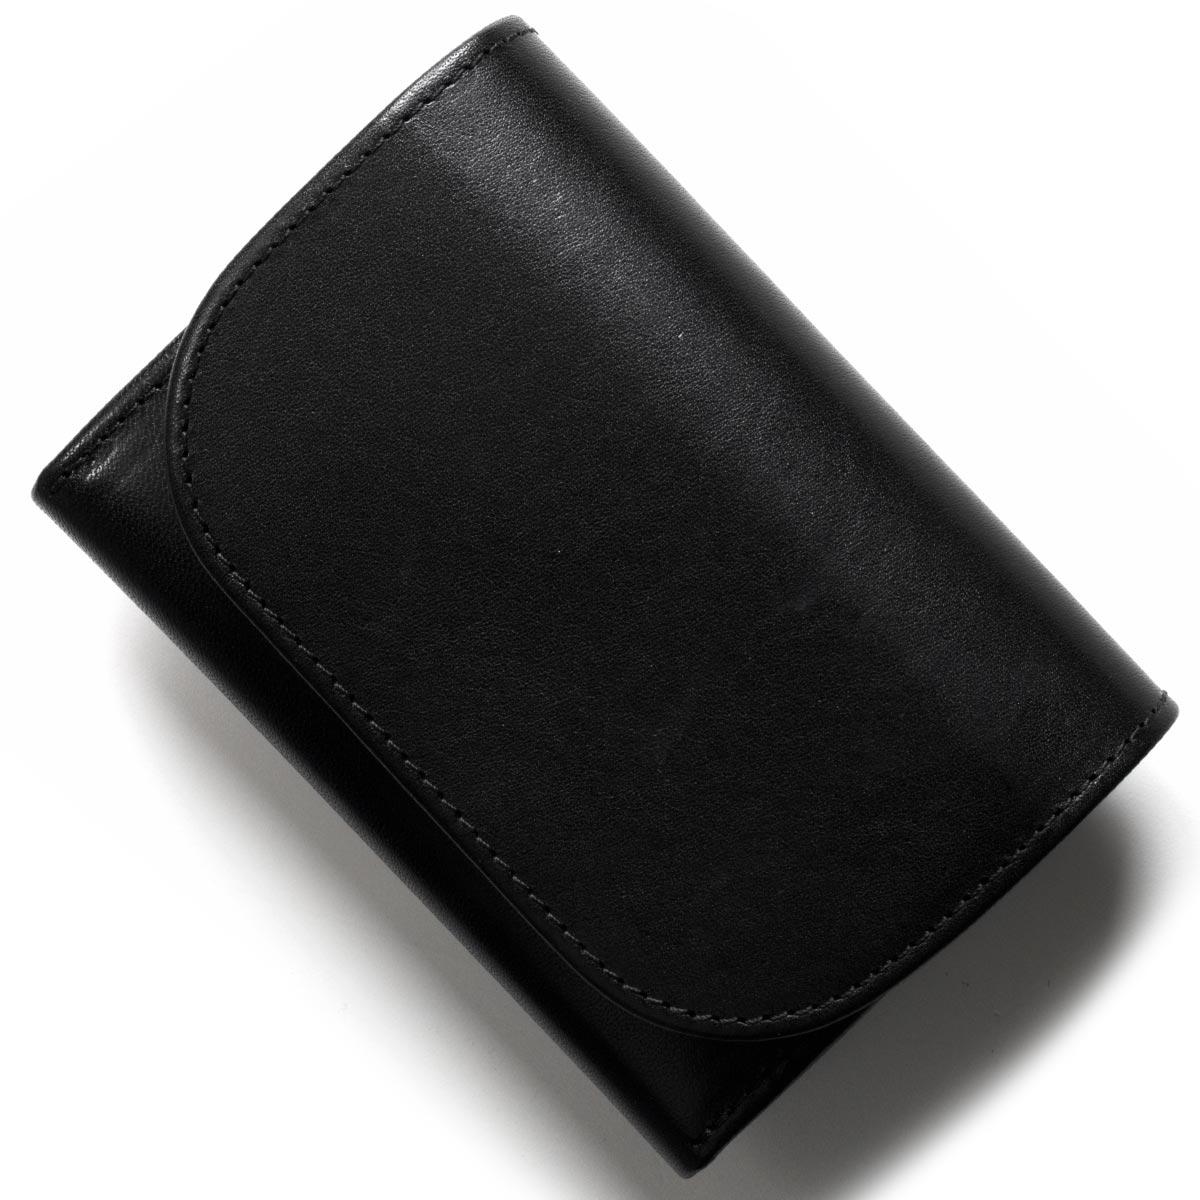 ホワイトハウスコックス コインケース【小銭入れ】/ミニ財布 財布 メンズ ブラック S1884 BLACK 2018年春夏新作 WHITEHOUSE COX